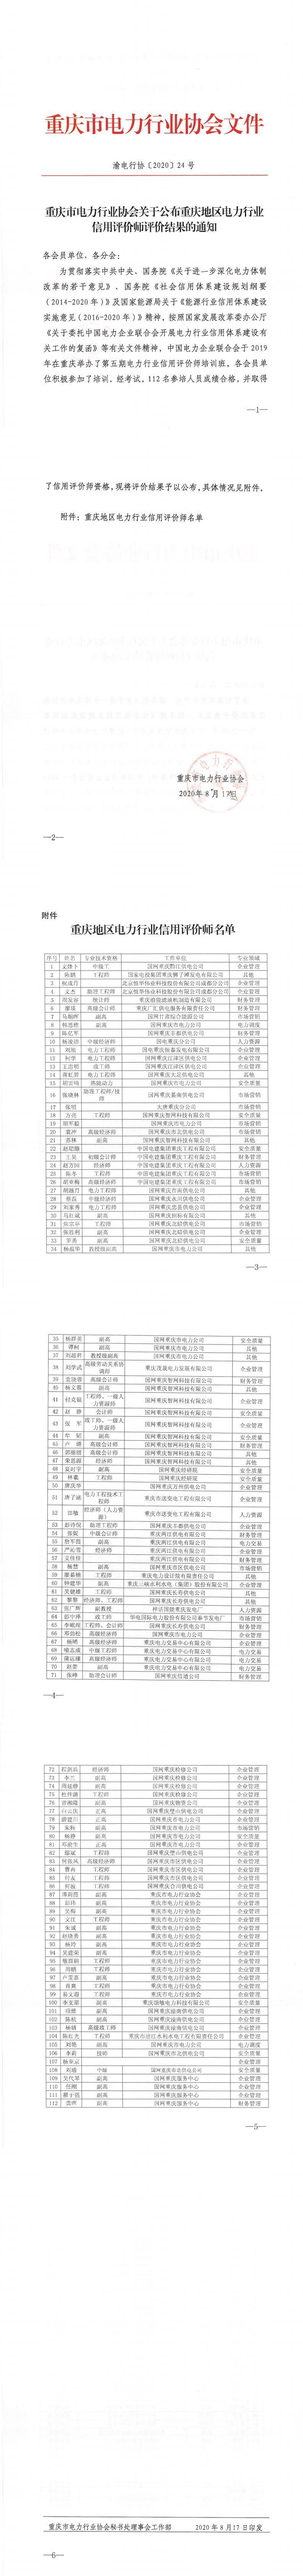 重庆市电力行业协会关于公布重庆地区电力行业信用评价师评价结果的通知_0.jpg